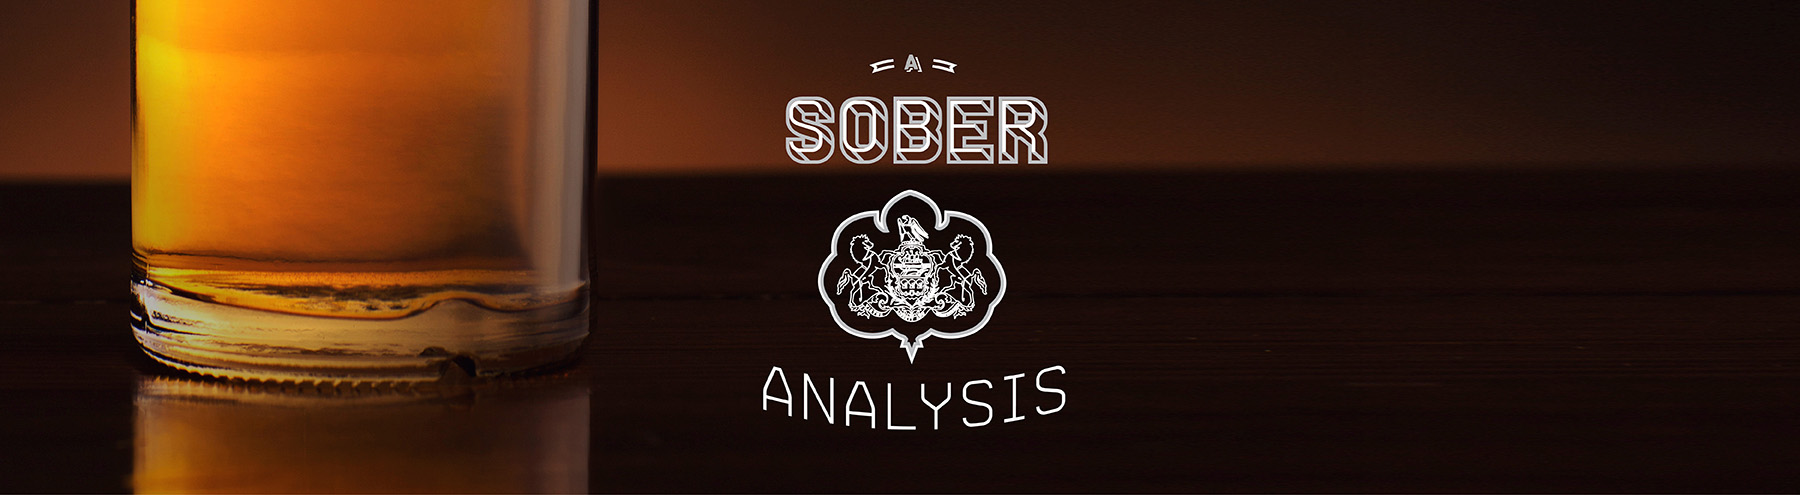 Sober Analysis